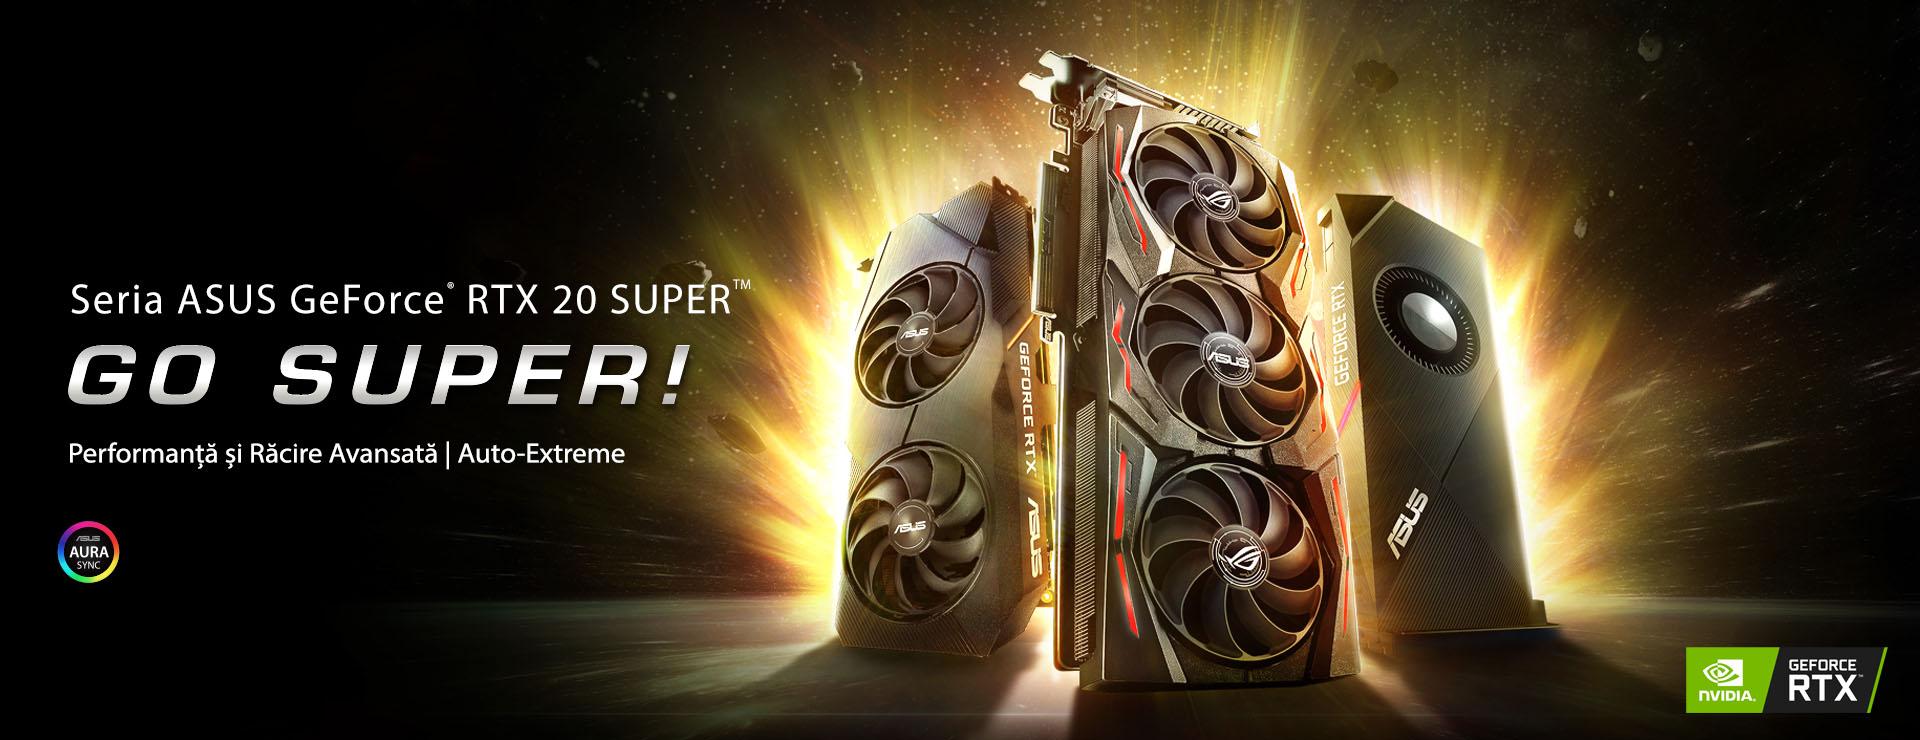 Seria ASUS GeForce RTX 20 SUPER